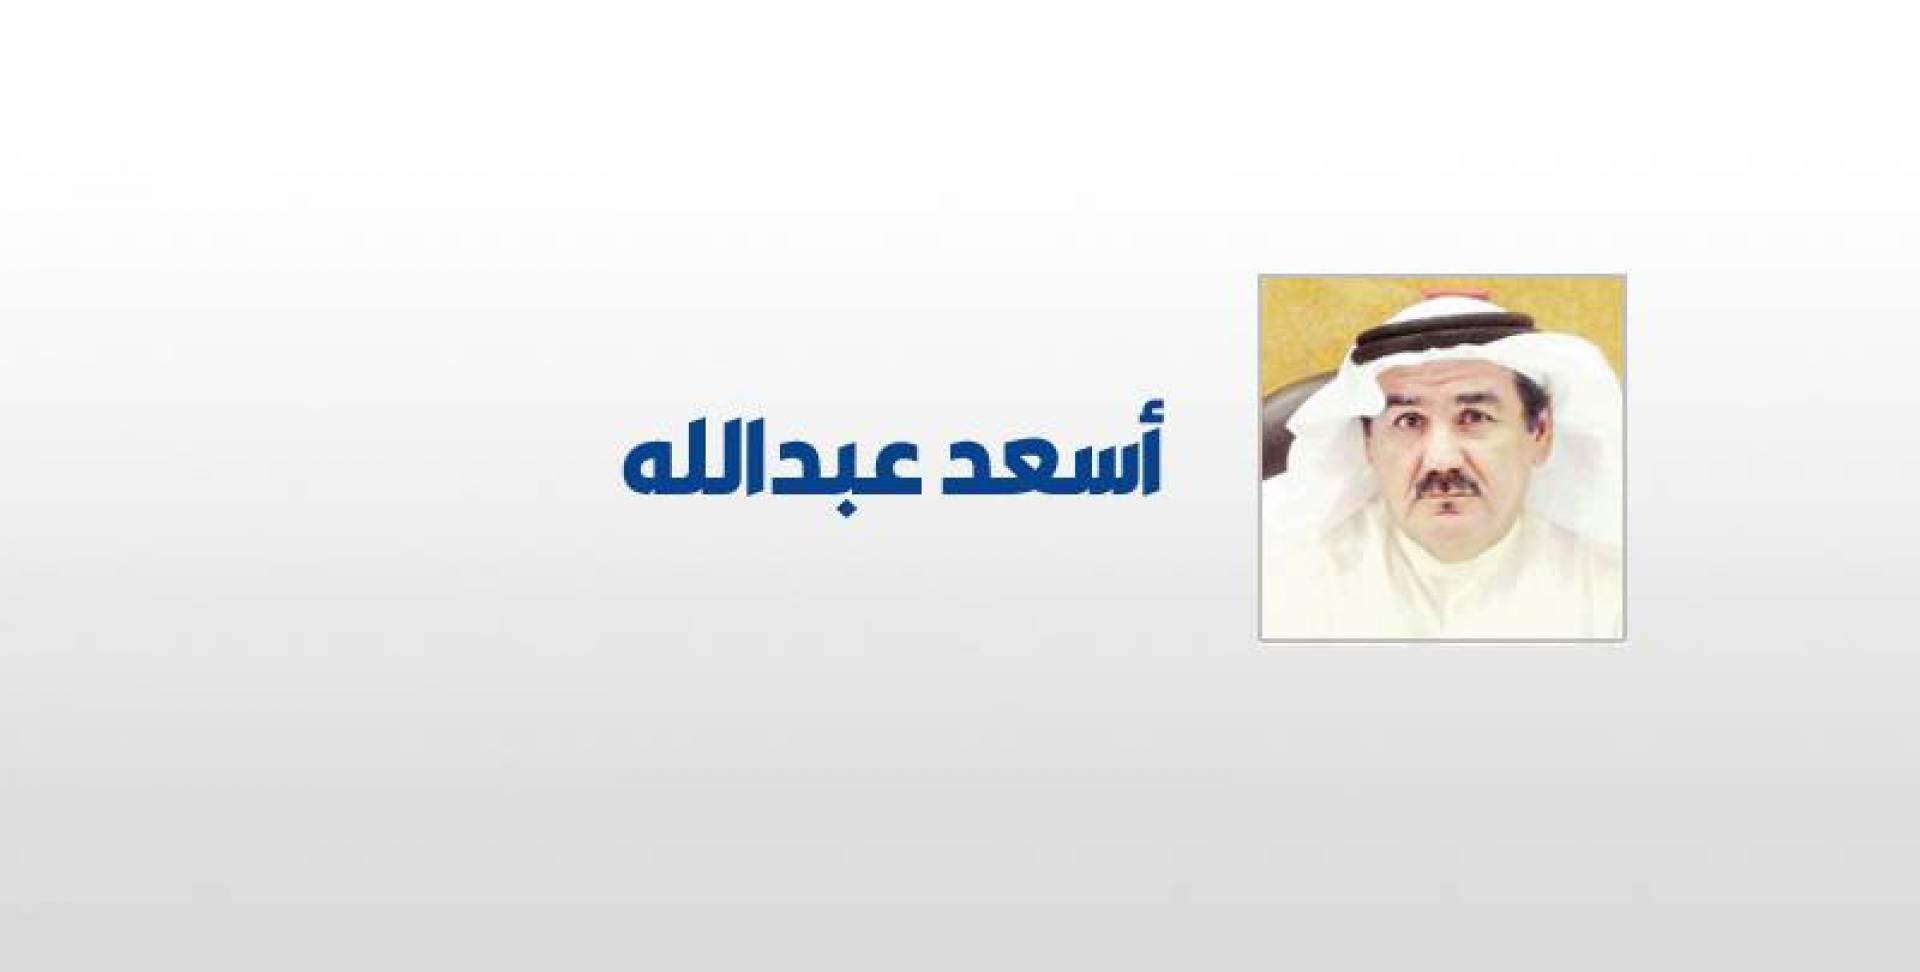 أسعد عبدالله